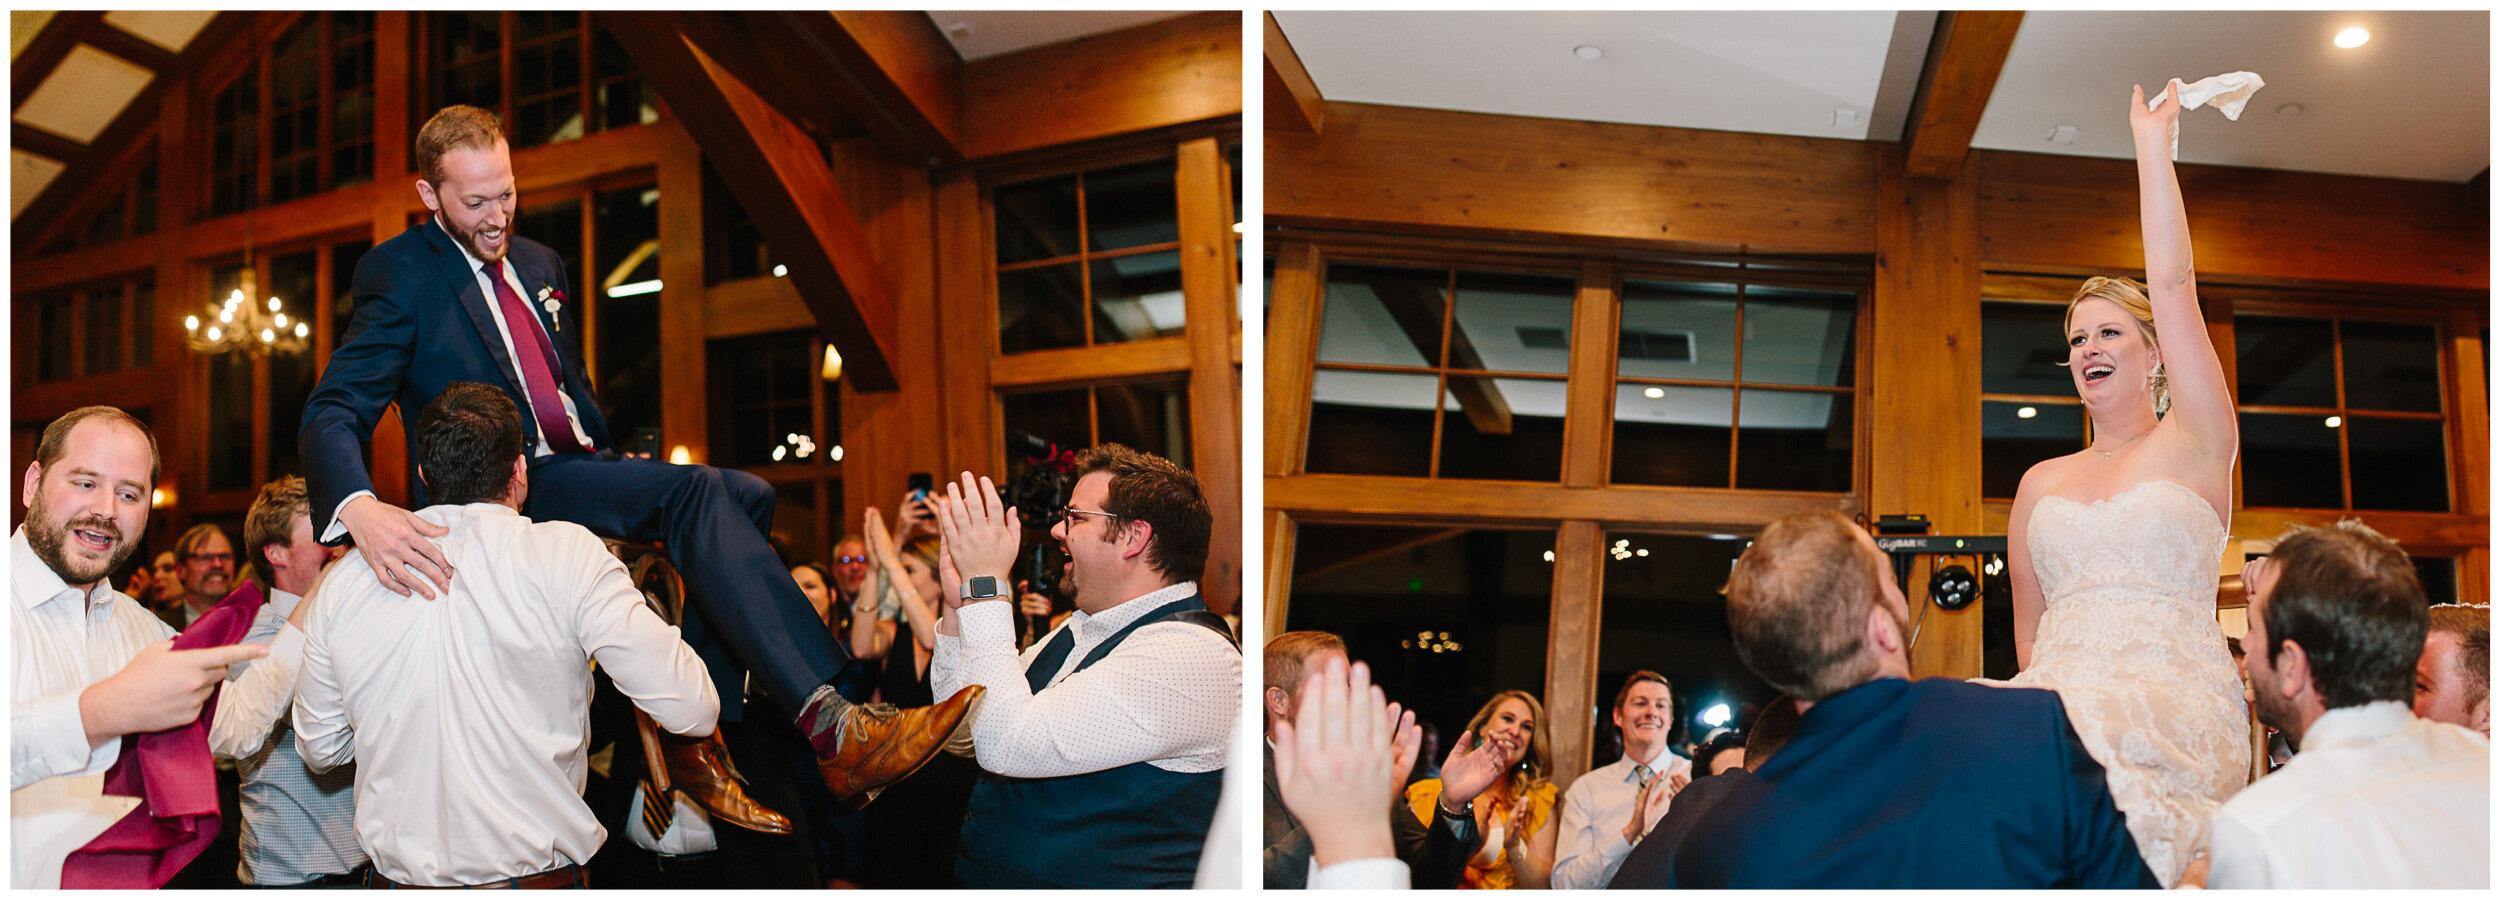 vail_wedding_113.jpg